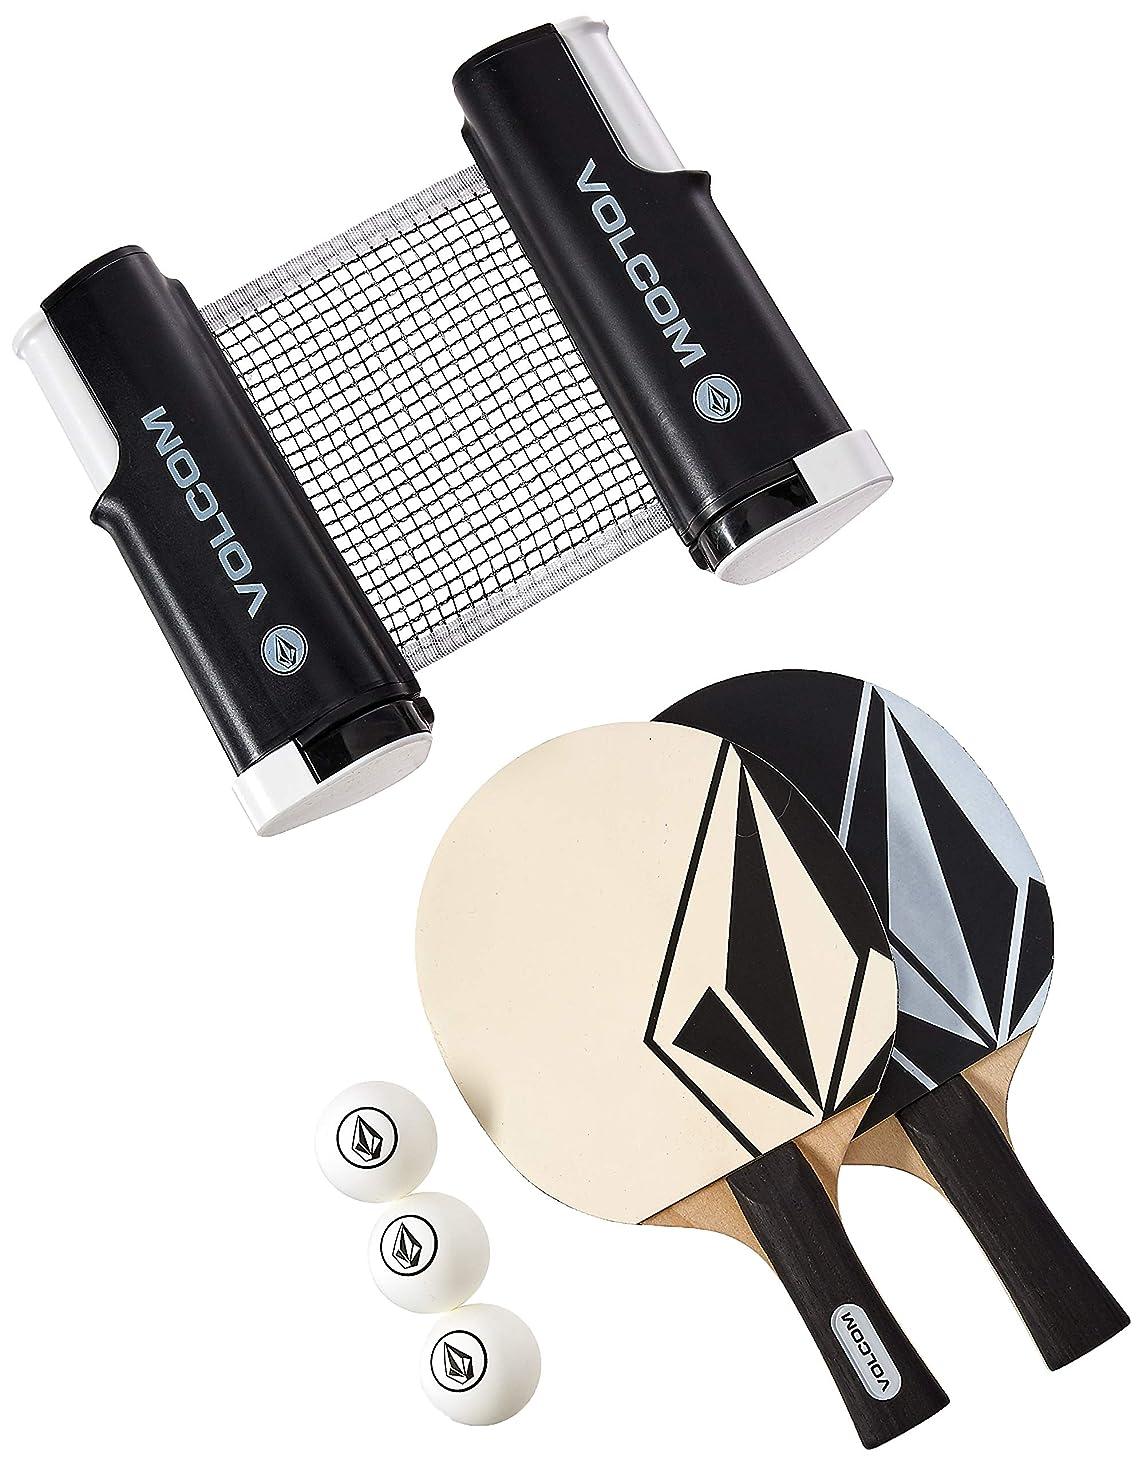 変化するつまずく迷惑[ボルコム] 卓球セット (ボール ラケット ネット セット) [ D6741800 / Stone Ping Pong Set ] アウトドア レジャー 簡易